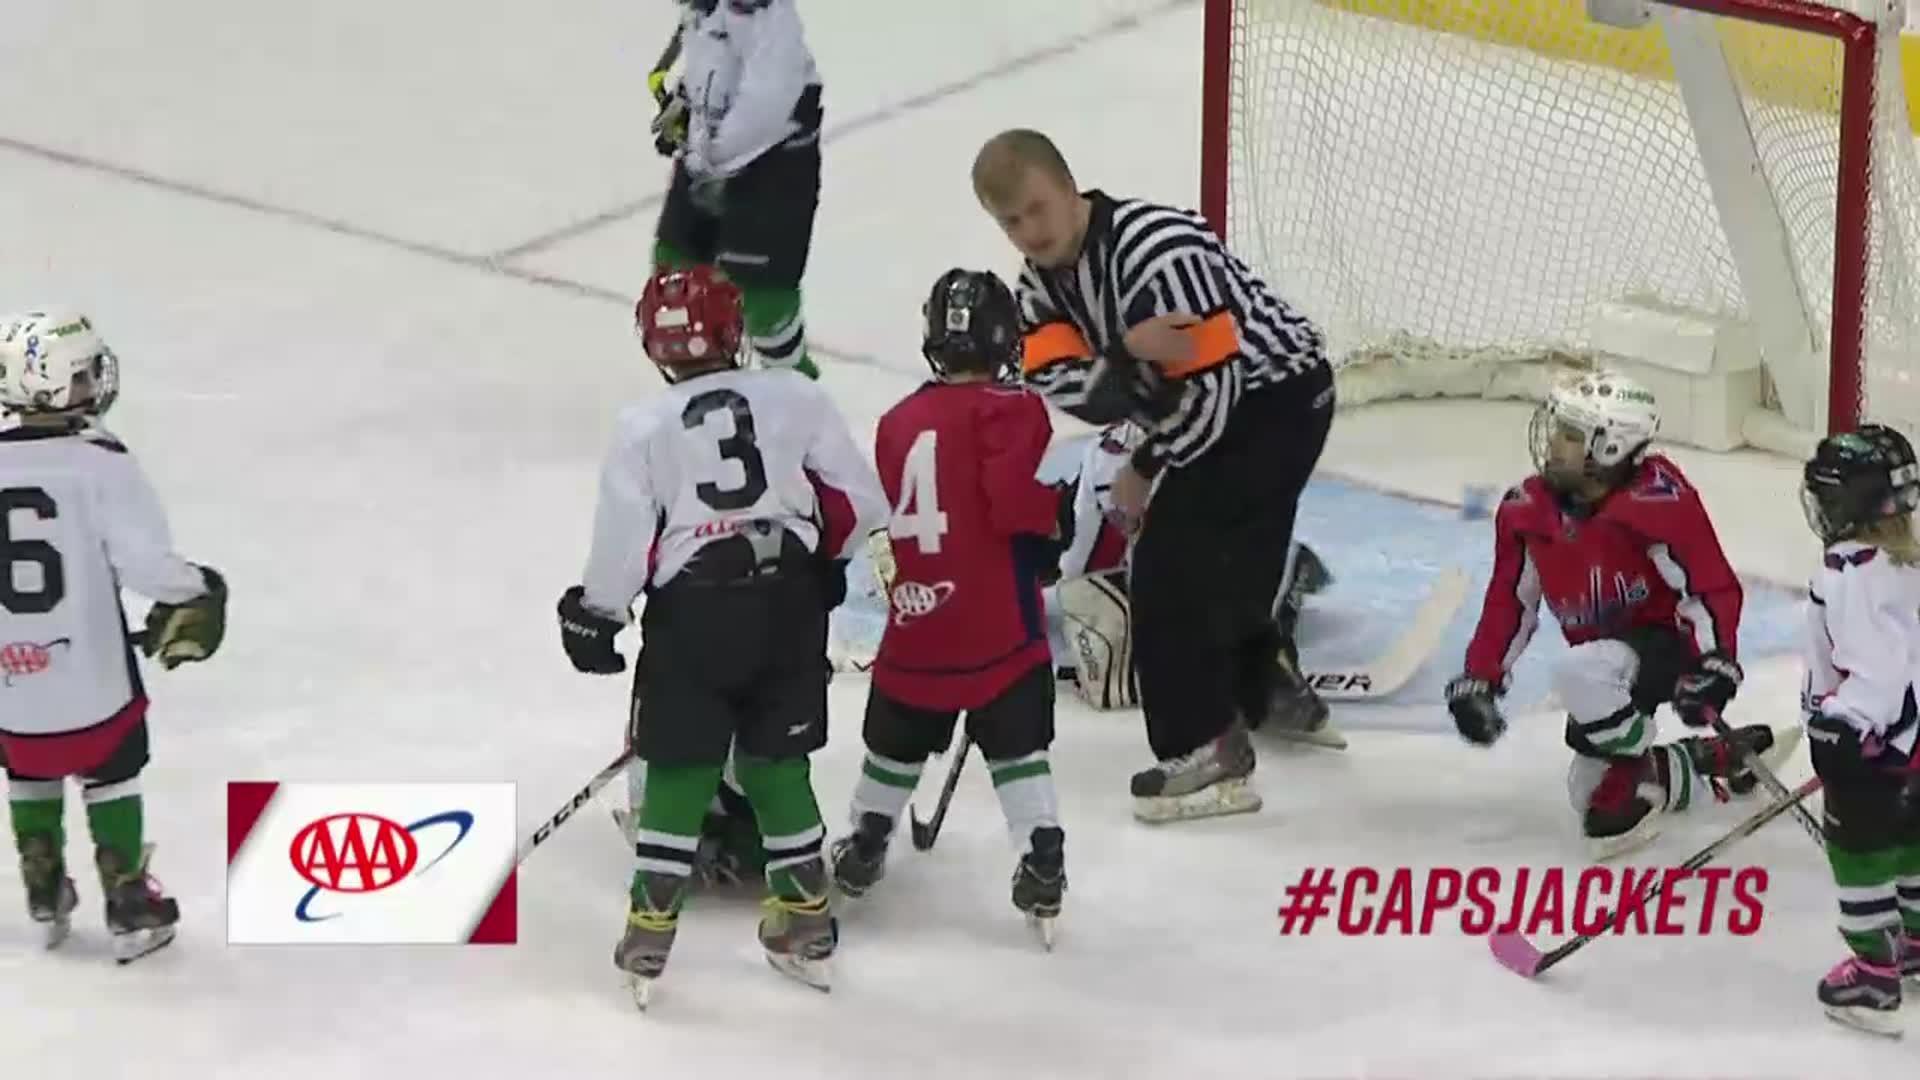 #CapsJackets Mites on Ice 2/9/18